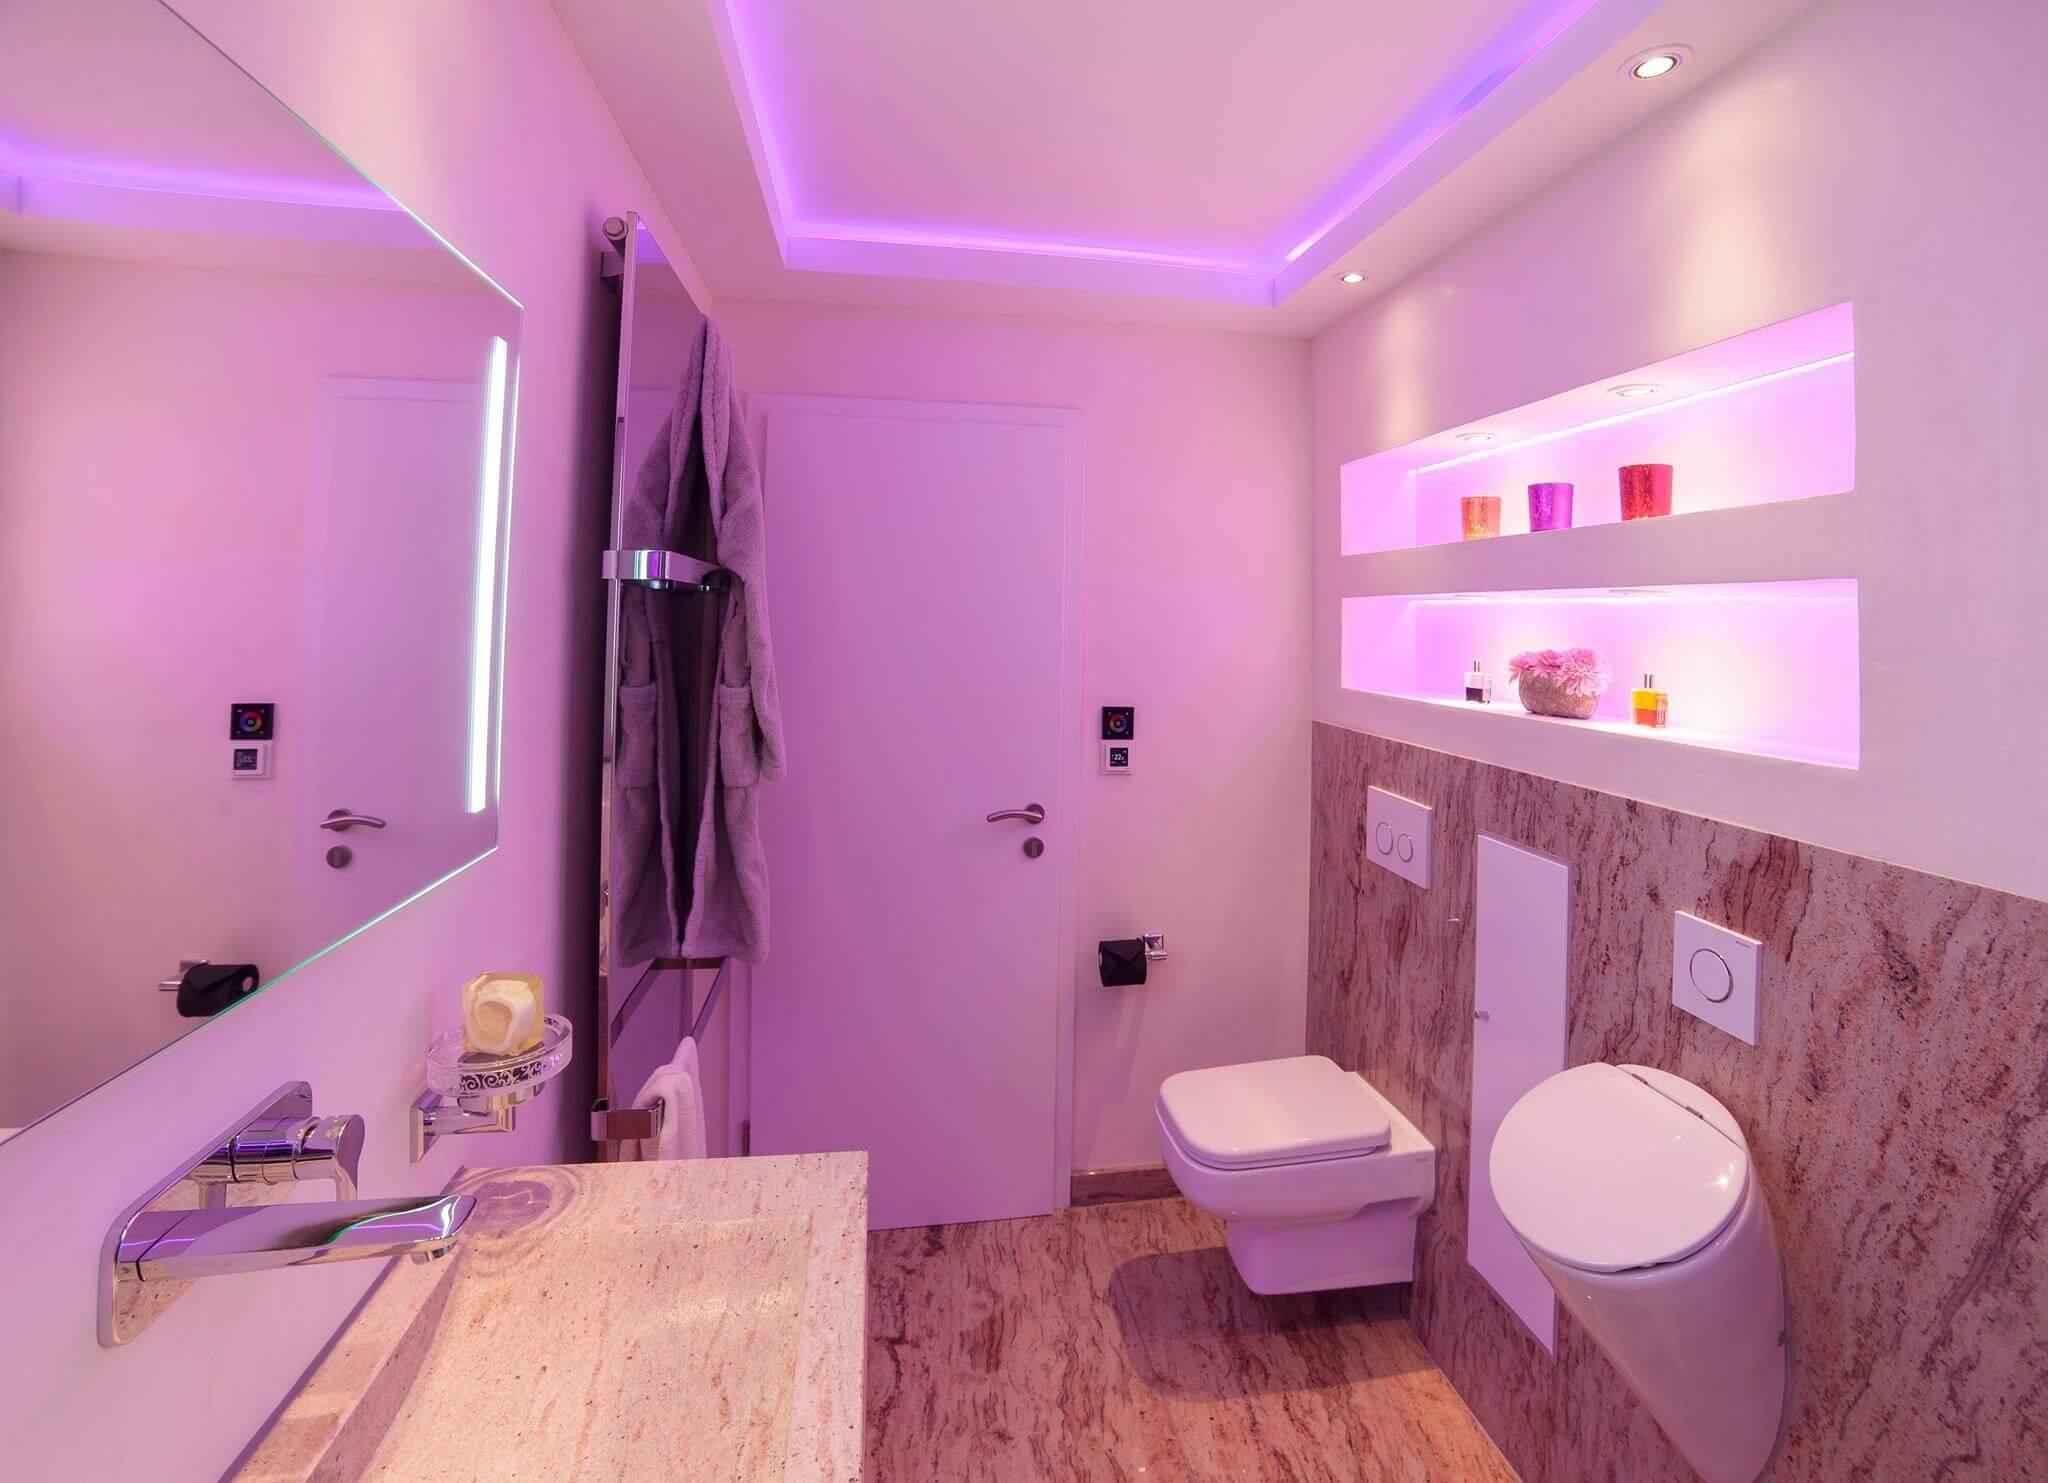 """Szenarien kreieren mit dem richtigen Lichtdesign Um ein behagliche Badambiente zu erhalten ist das Spiel mit dem Lichtdesign notwendig. Wie bei dem """"Das Phantom der Oper"""" kommt ihr Baddesign mit einem neuem Gewand auf die Bühne wenn es richtig inszeniert wurde. Badezimmer Beleuchtung ist nicht nur an der Decke wichtig sondern auch am Waschtischschrank, auf der Sitzbank in der Dampfdusche, zwischen den einzelnen offenen Regalen und an vielen anderen Stellen wie zum Beispiel der Badezimmer Nische"""